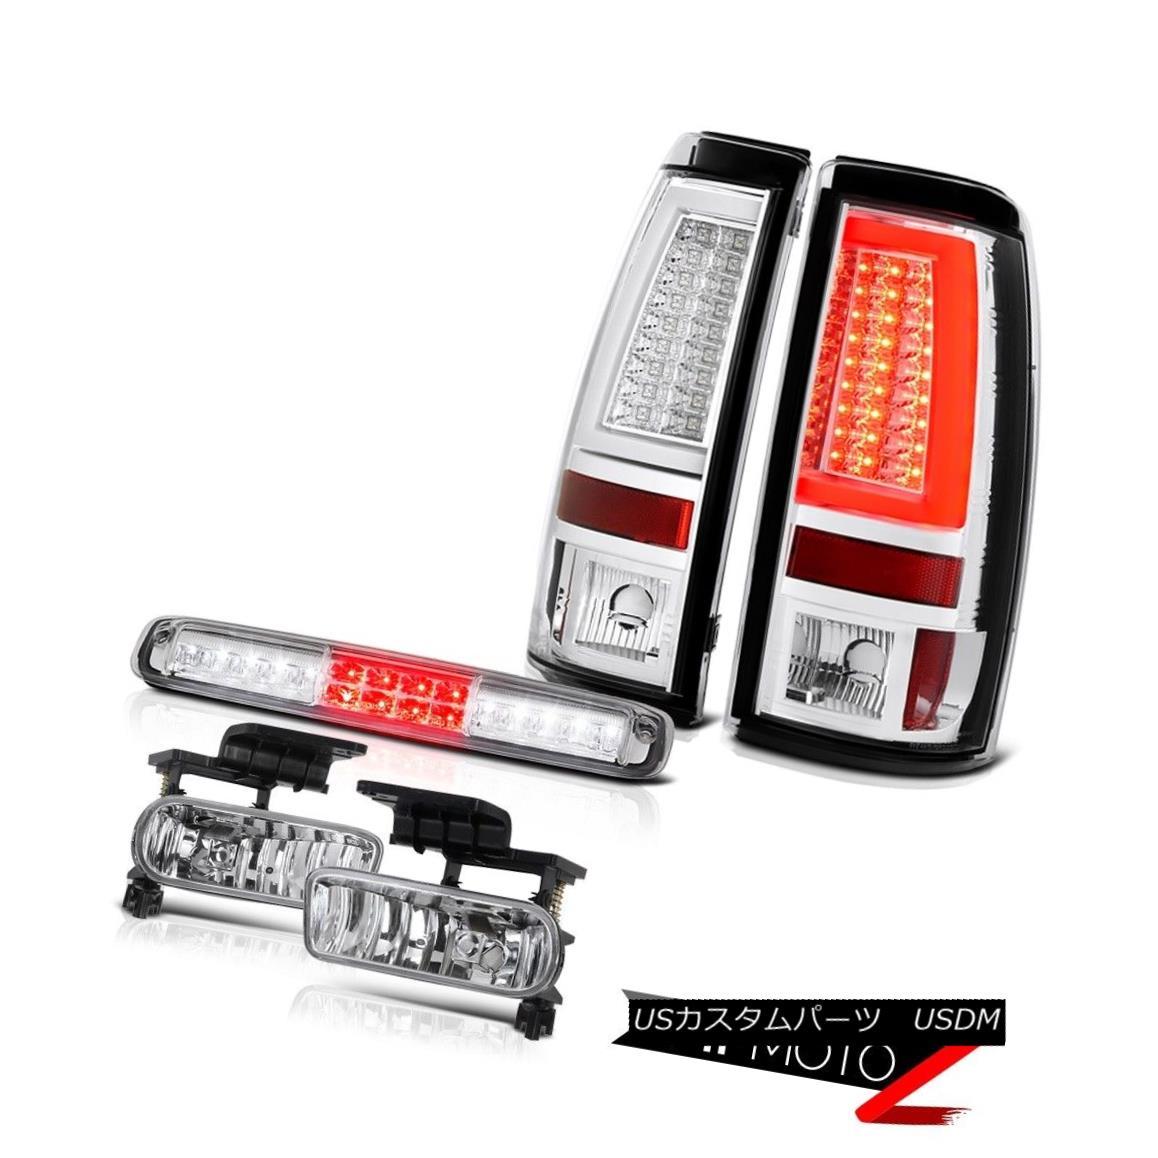 テールライト 99-02 Silverado 3500 Tail Brake Lights High Stop Lamp Fog Neon Tube Tron Style 99-02 Silverado 3500テールブレーキライトハイストップランプフォグネオンチューブトロンスタイル